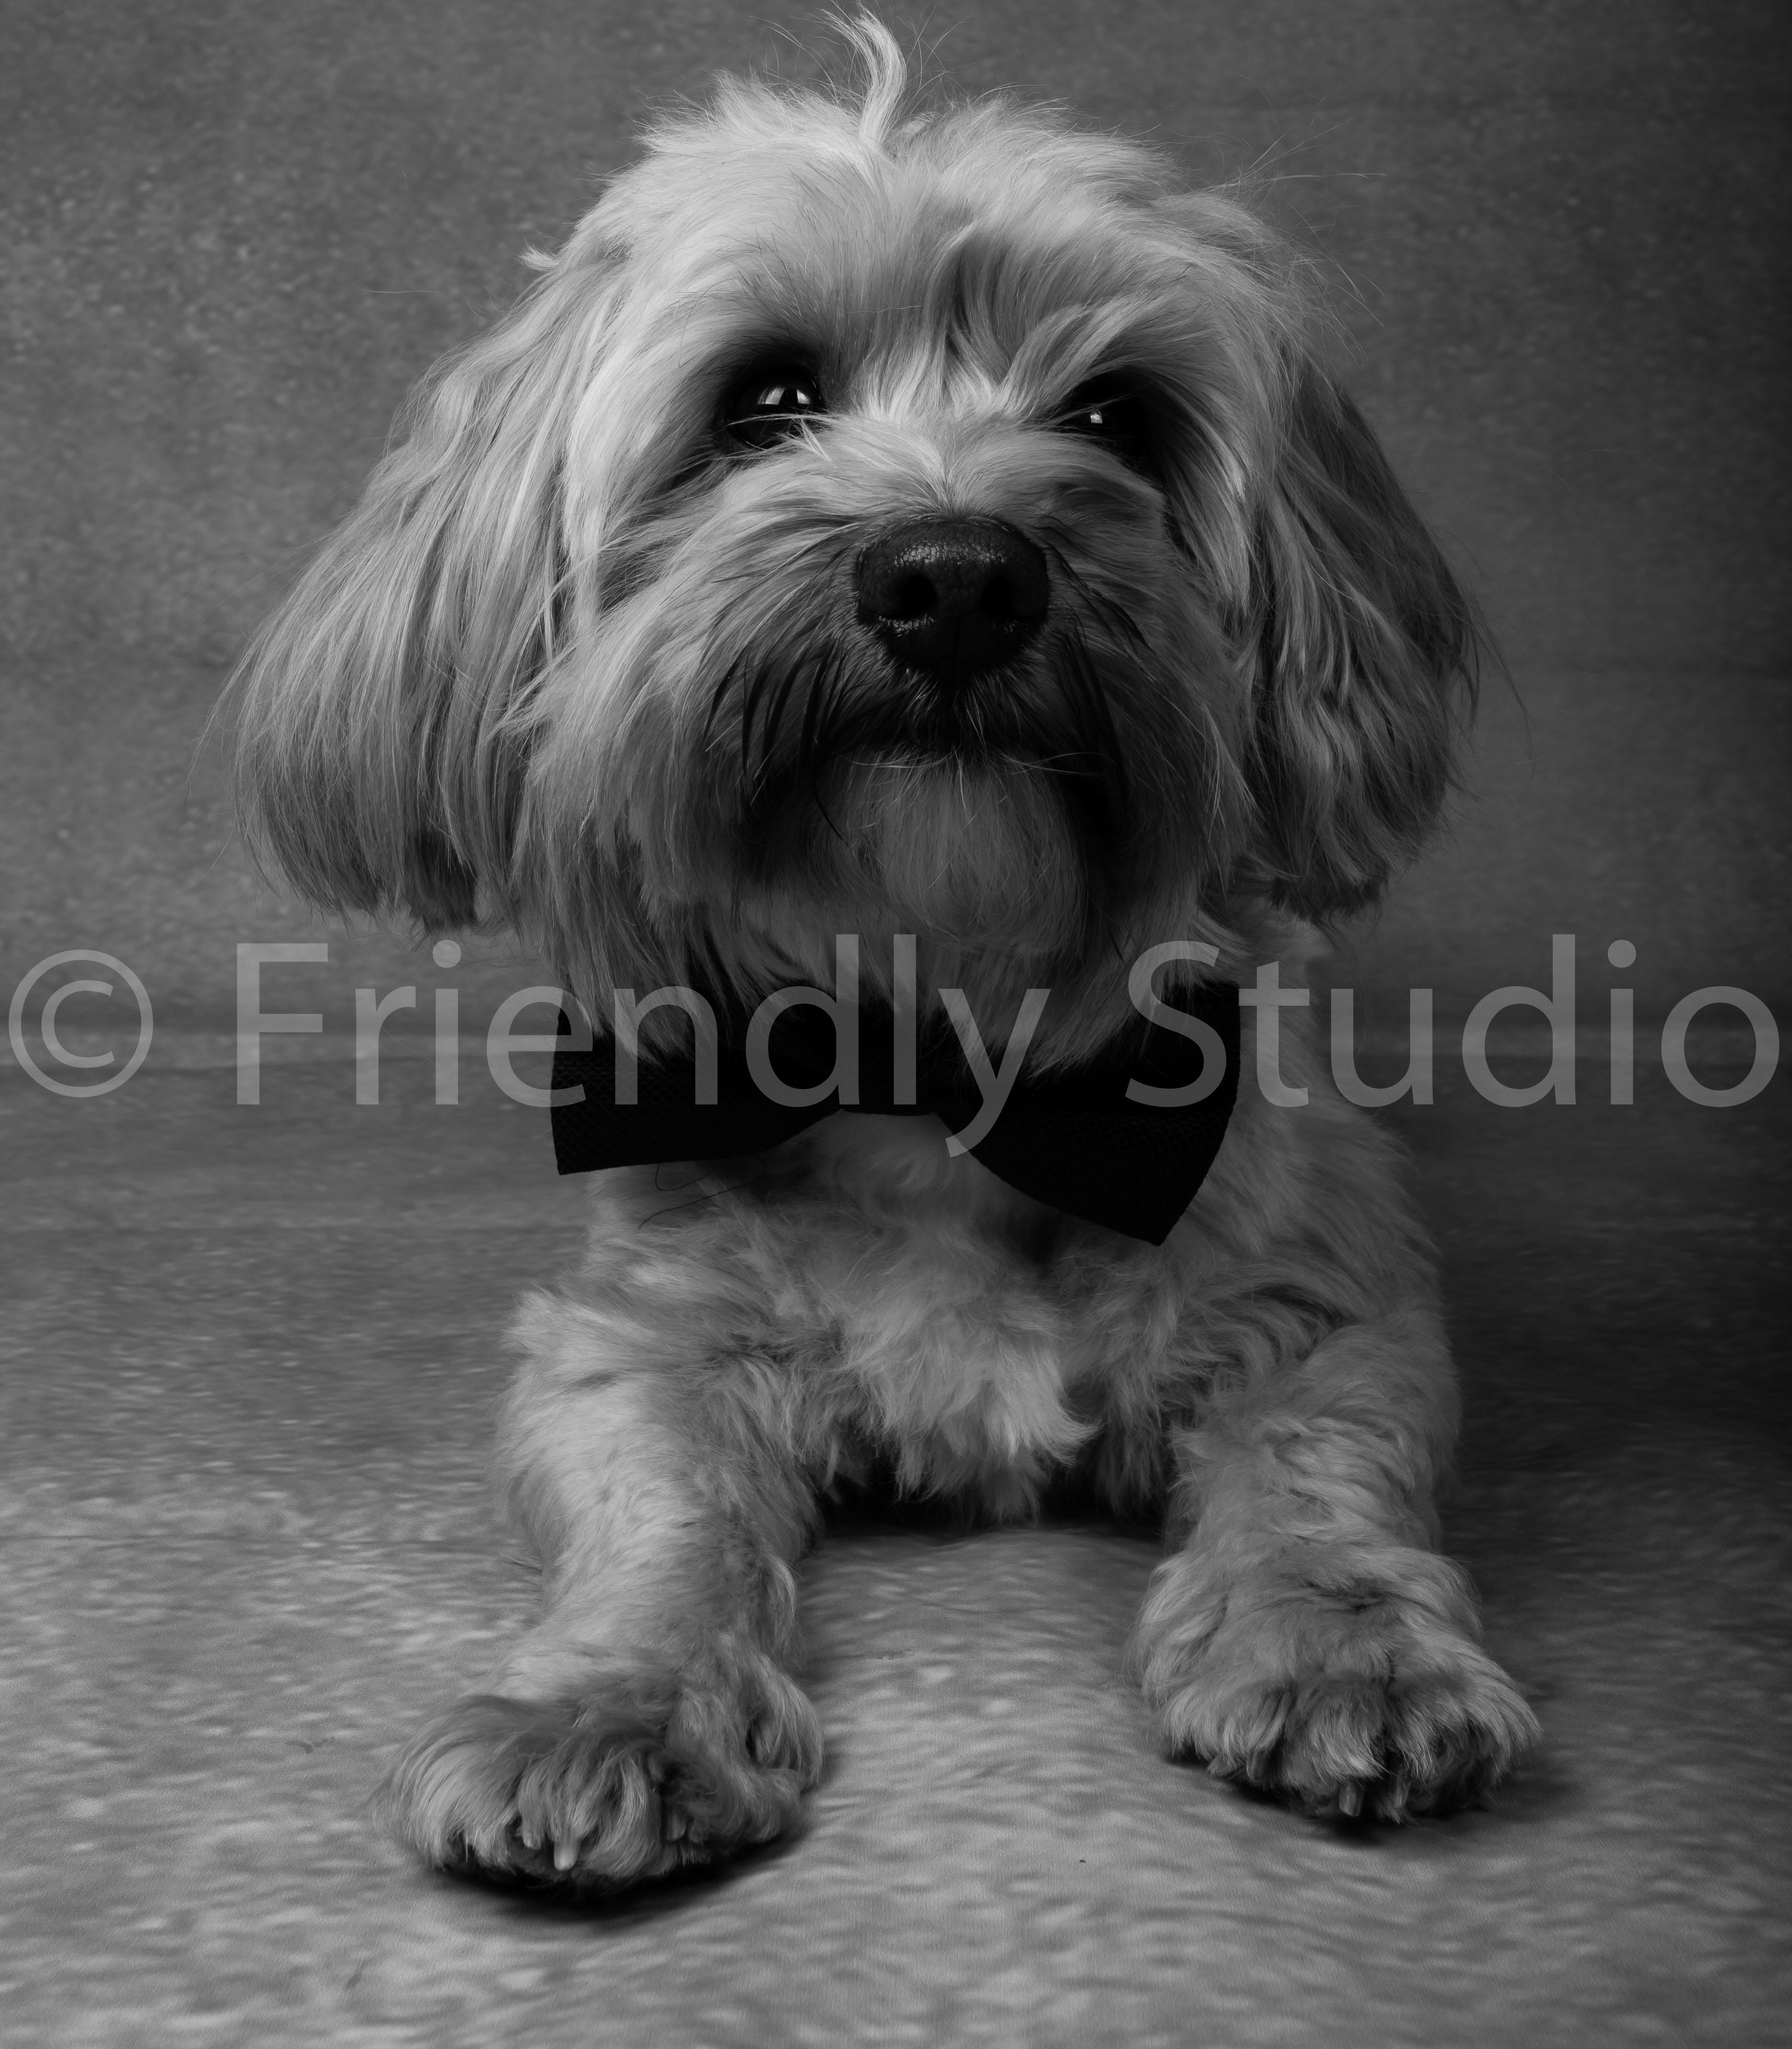 Le Photographe de chiens et chiots